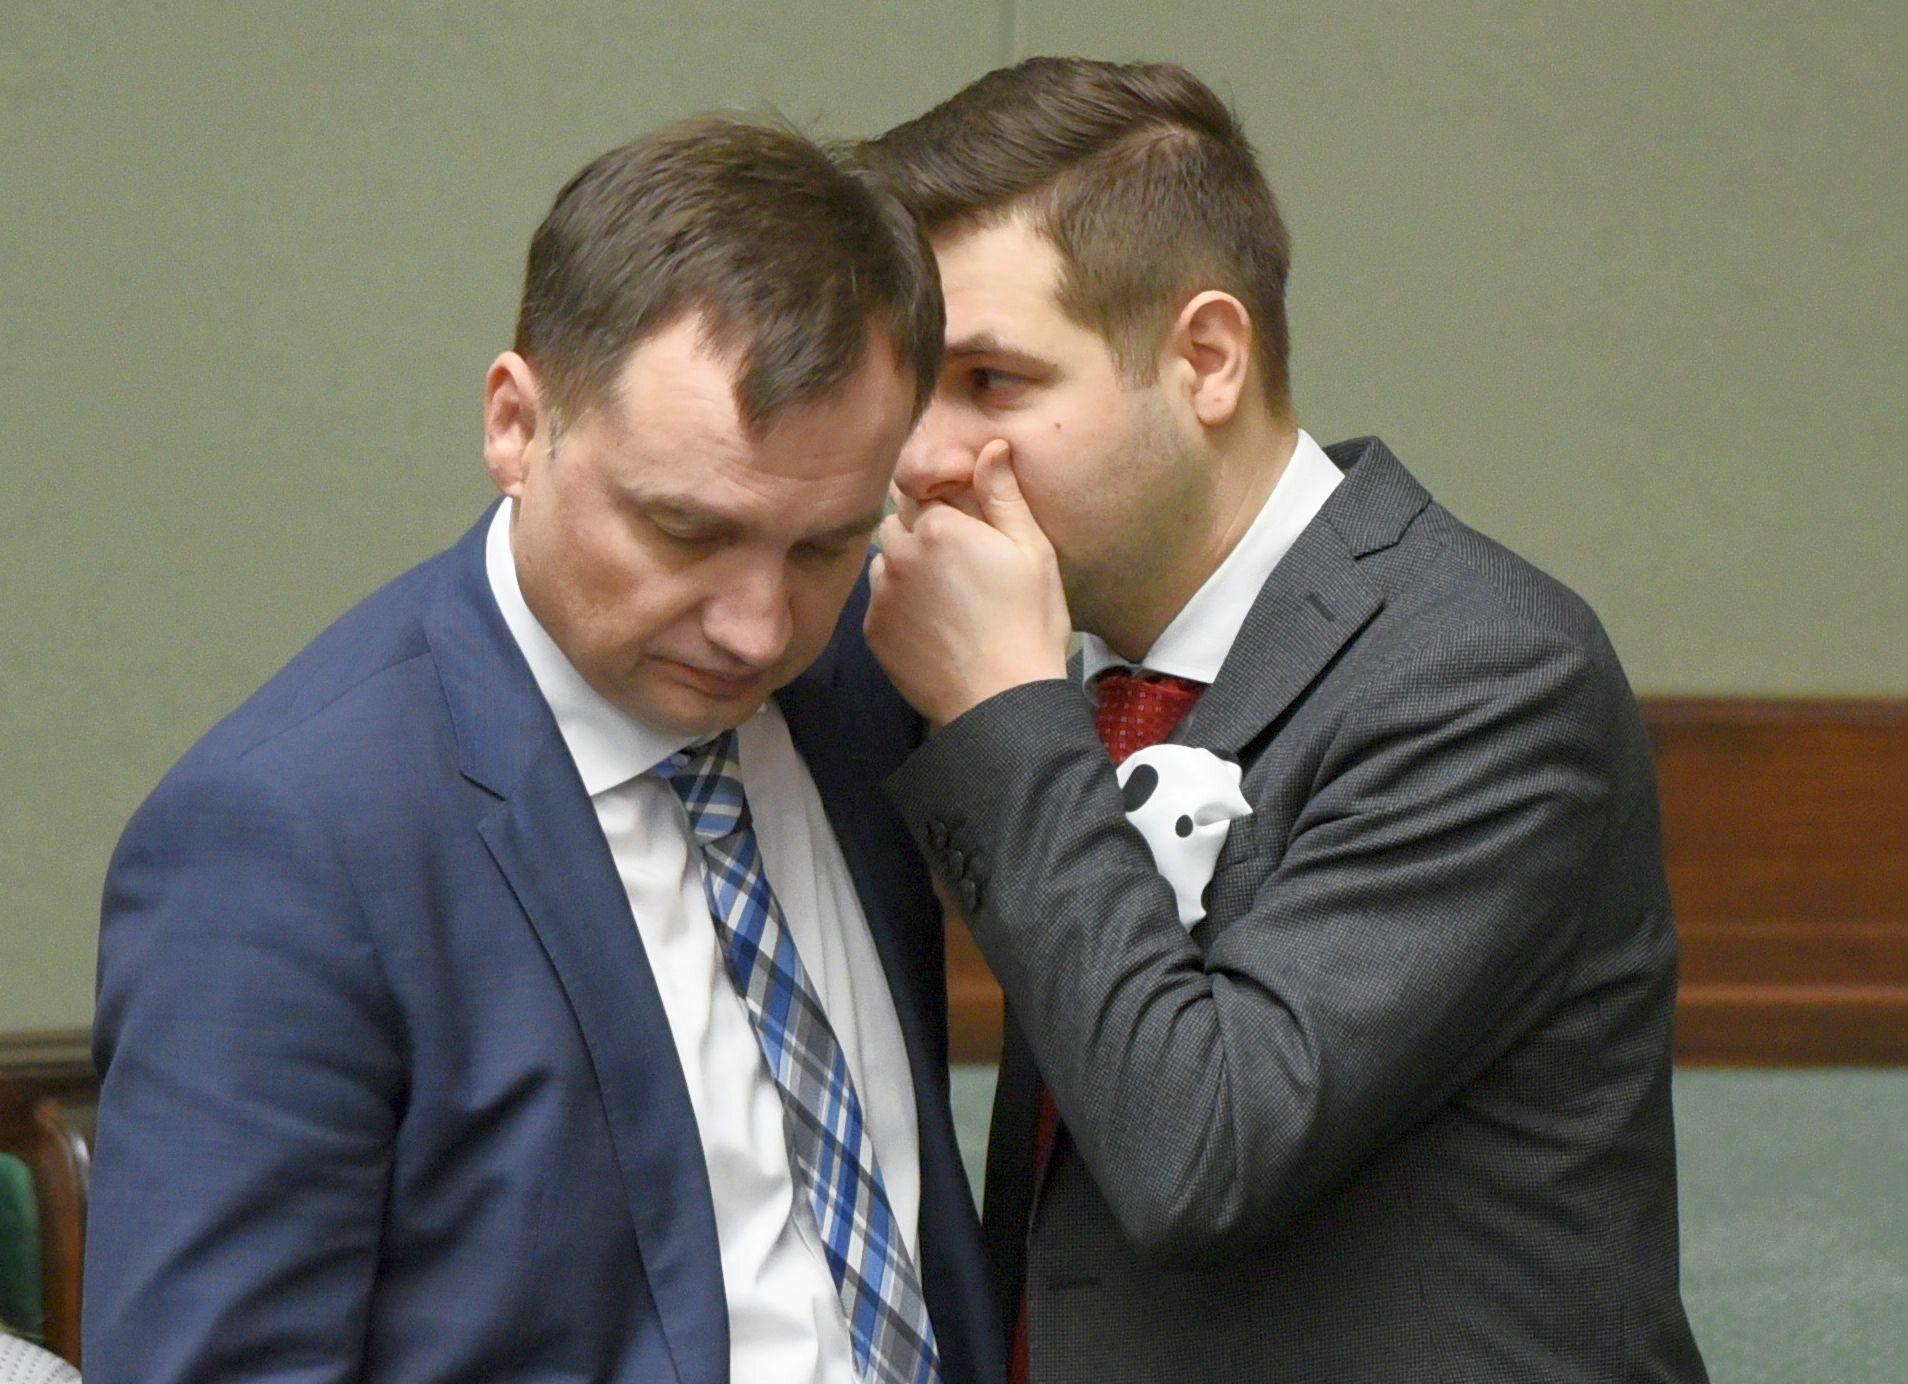 Od lewej: minister sprawiedliwości Zbigniew Ziobro, wiceminister sprawiedliwości Patryk Jaki